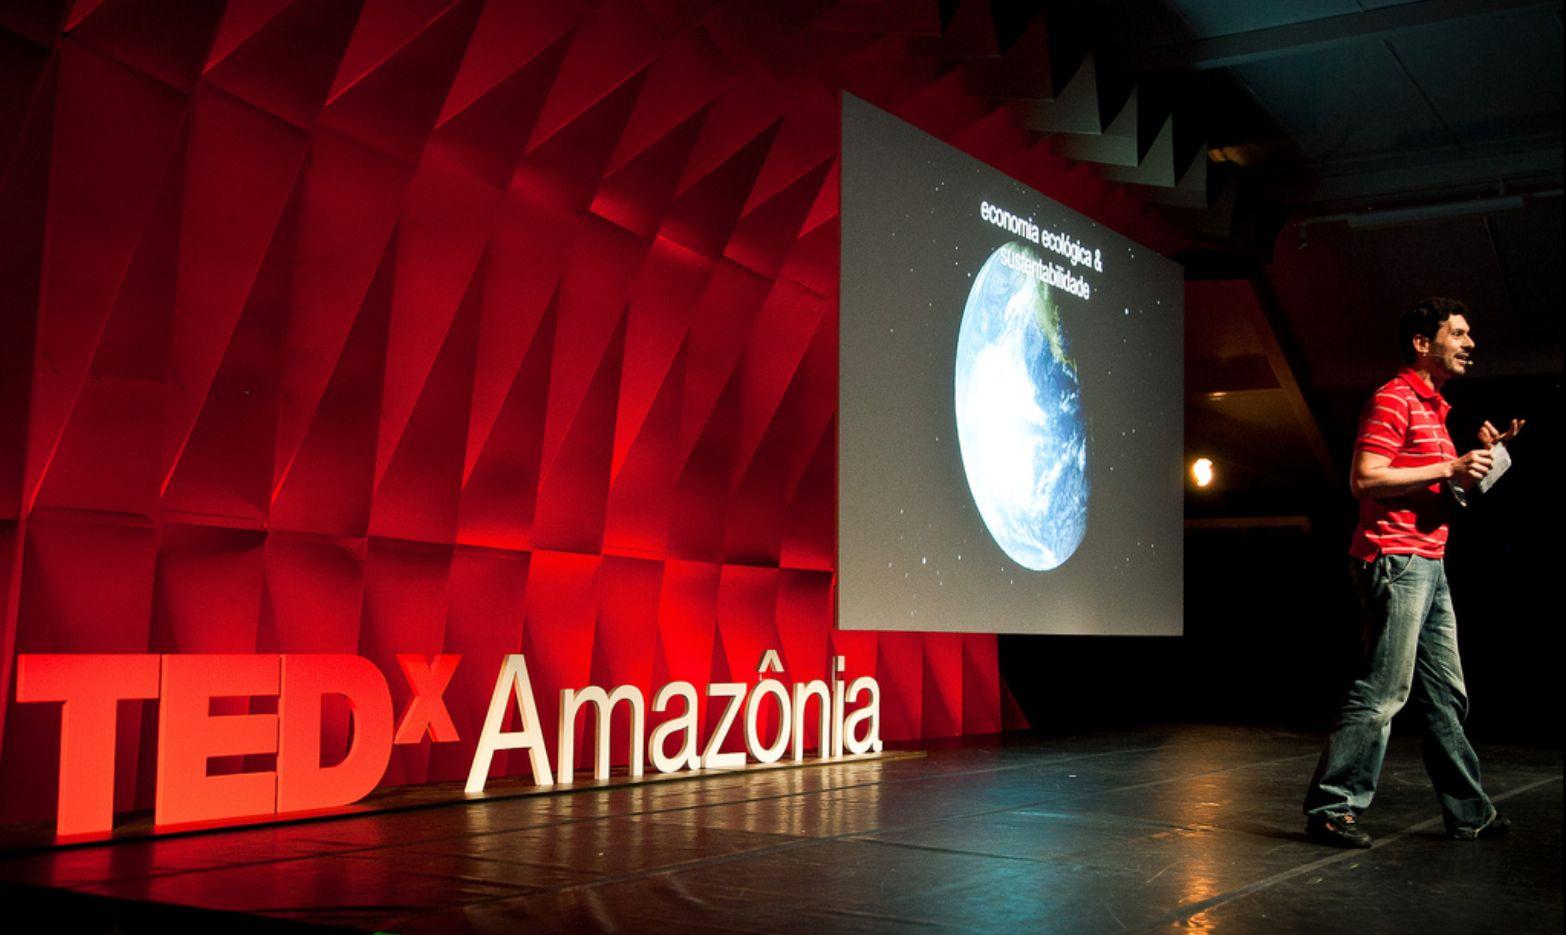 TEDx Amazônia